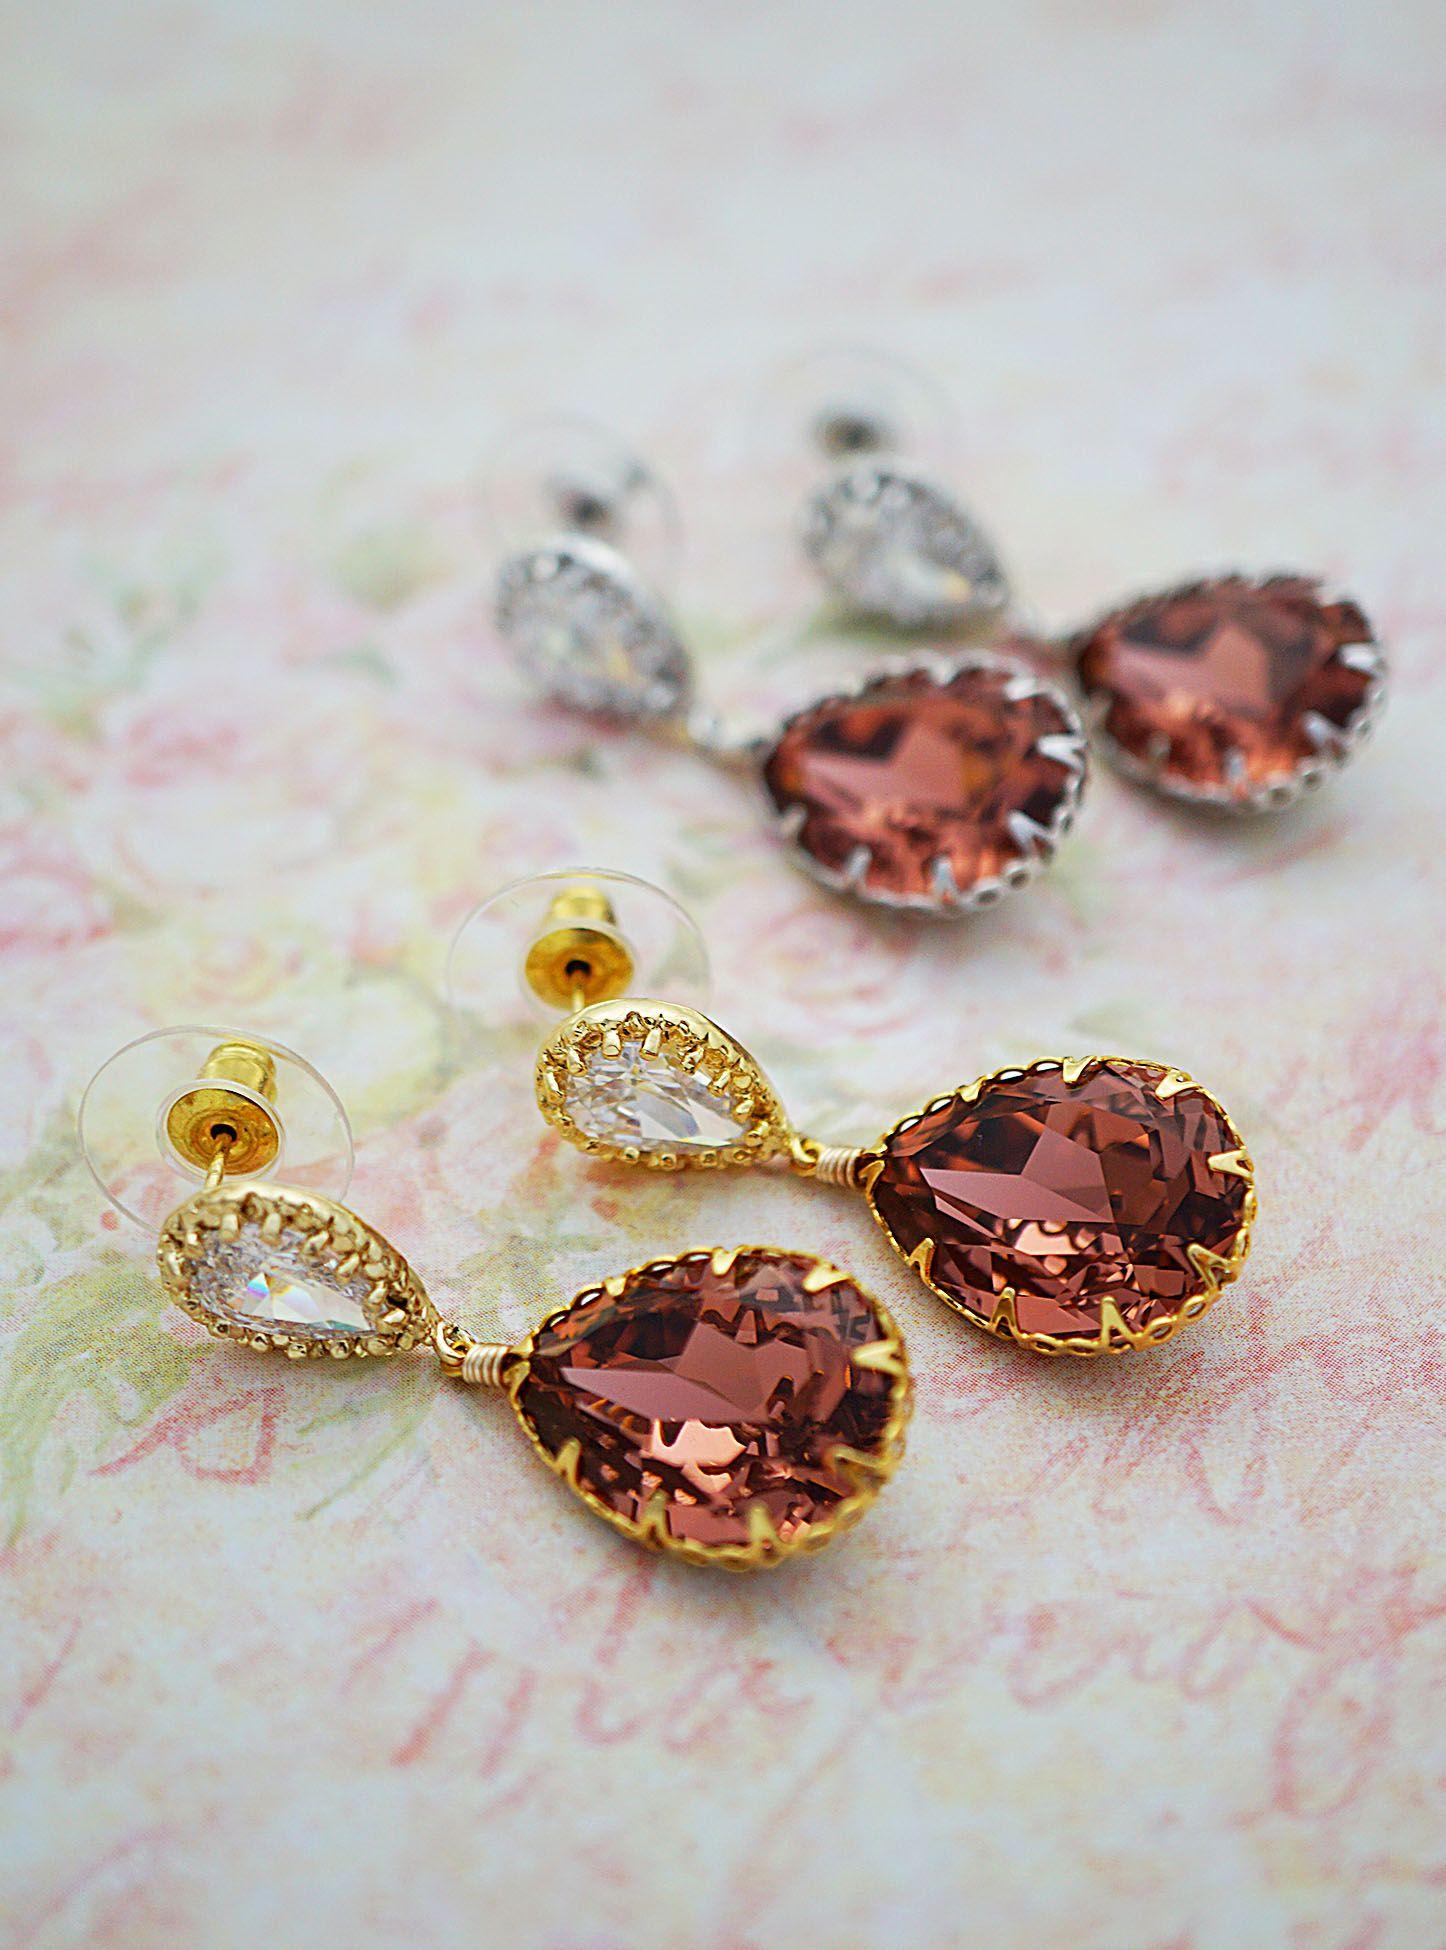 546b6e73e Blush Rose Swarovski Crystal Earrings from EarringsNation Cranberry  weddings Burgandy Weddings Marsala Weddings Blush pink weddings